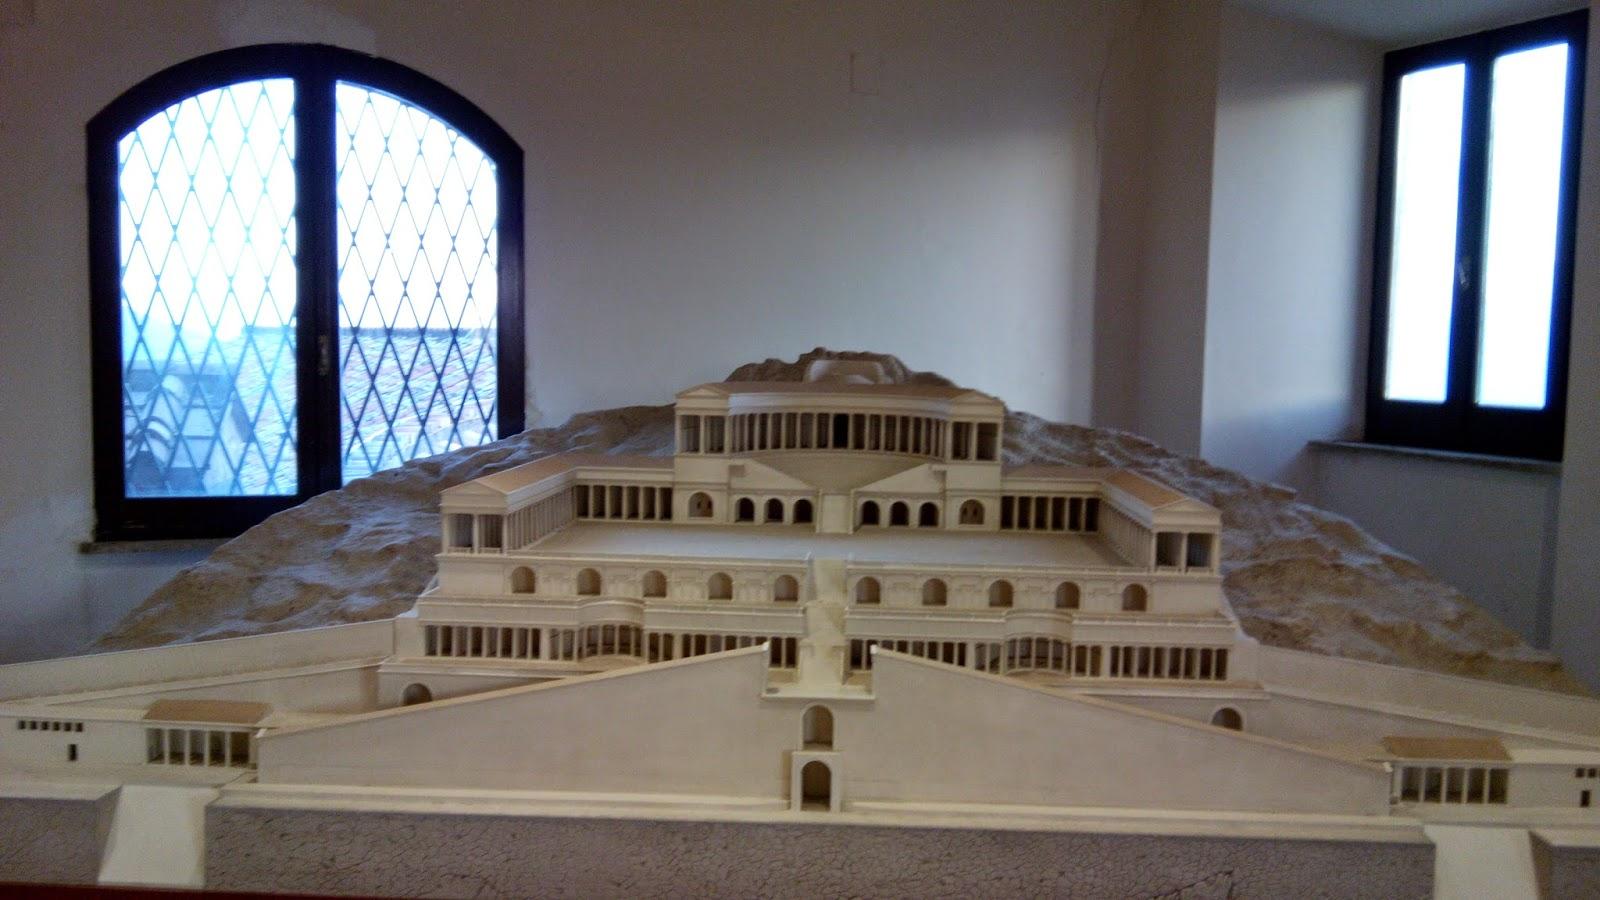 Modelo do antigo santuário de Palerstrina